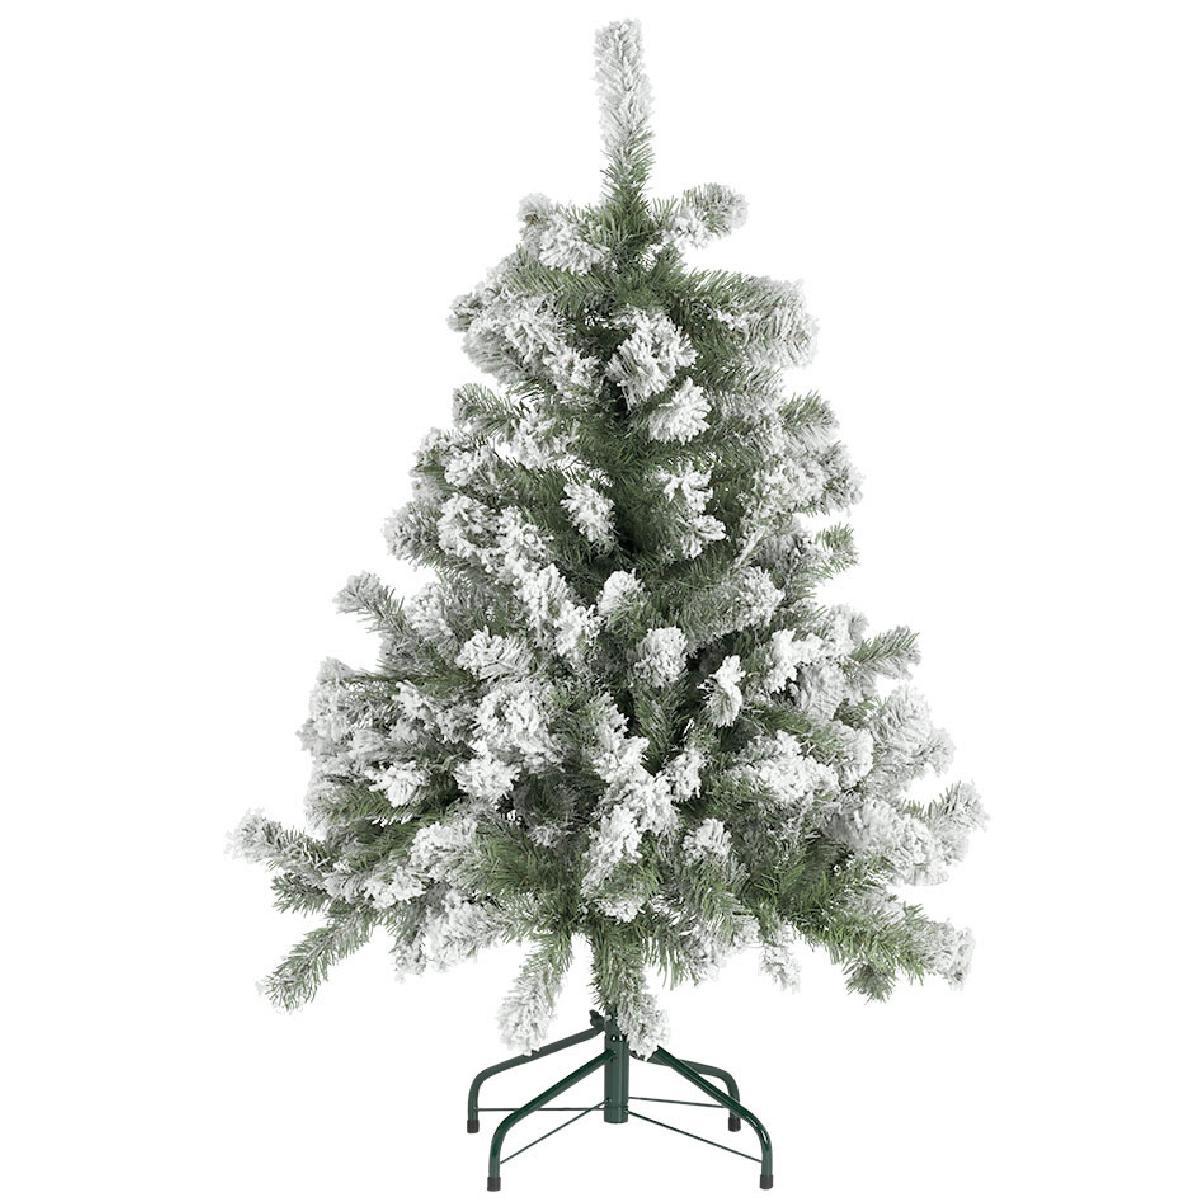 b4870a5b1eb Árboles de navidad originales jpg 584x584 Navidad efecto nieve arbol con